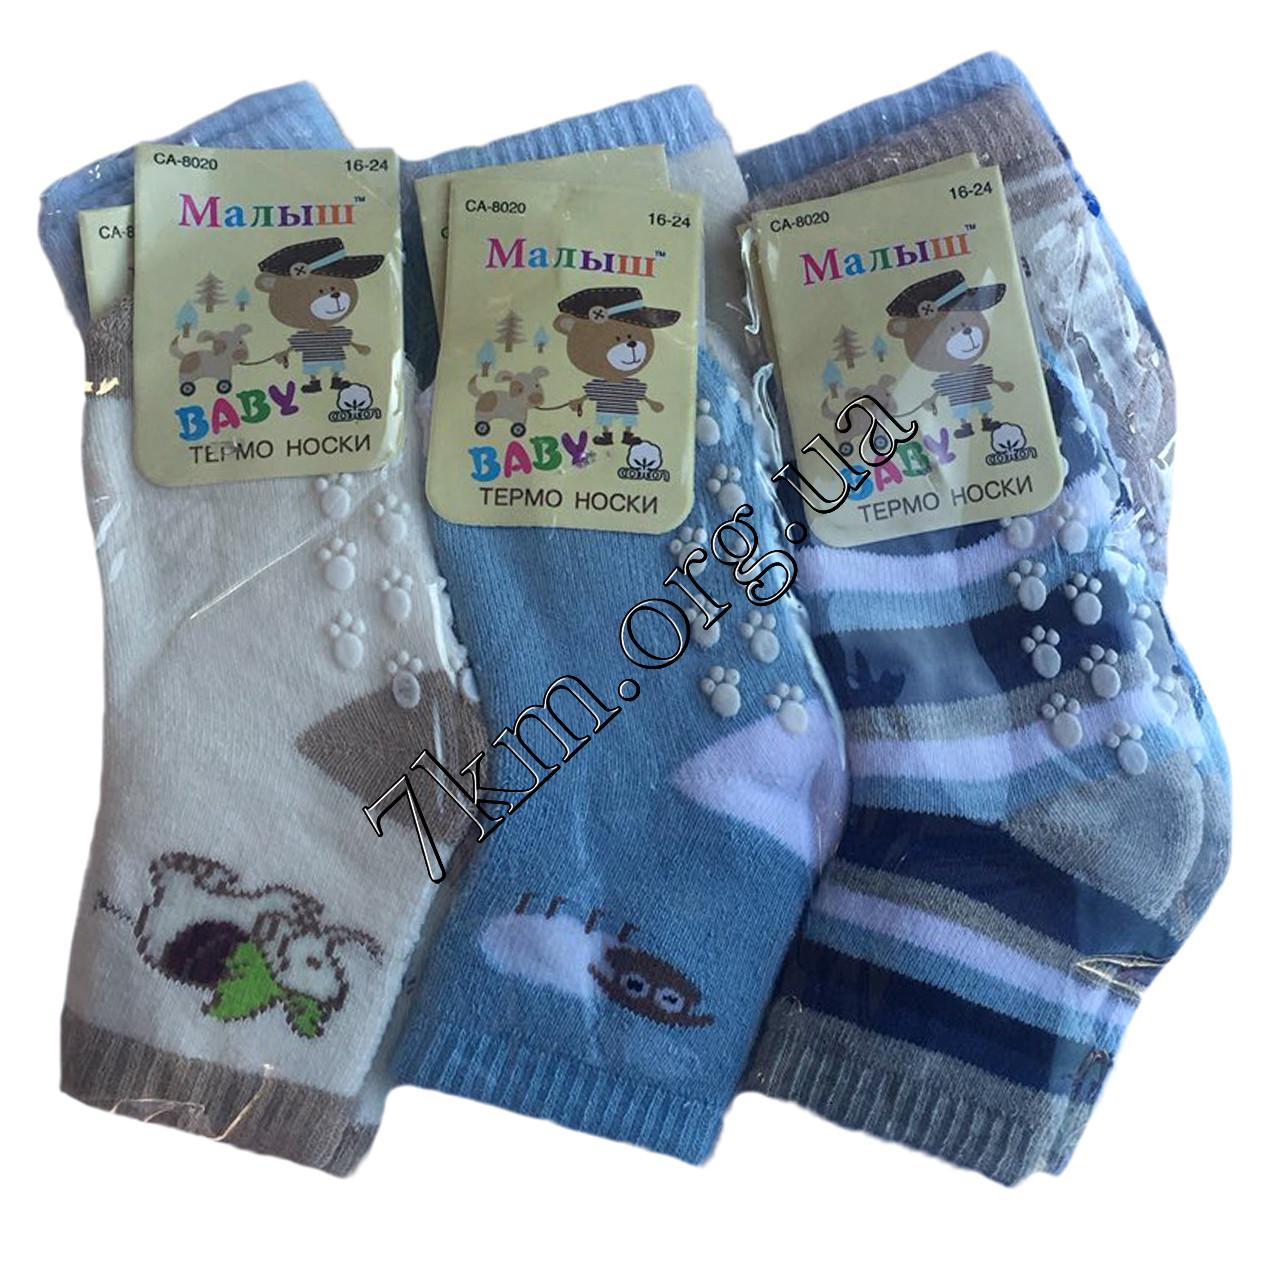 Шкарпетки дитячі махра для хлопчиків Малюк 8-16 місяців Оптом CA-8020